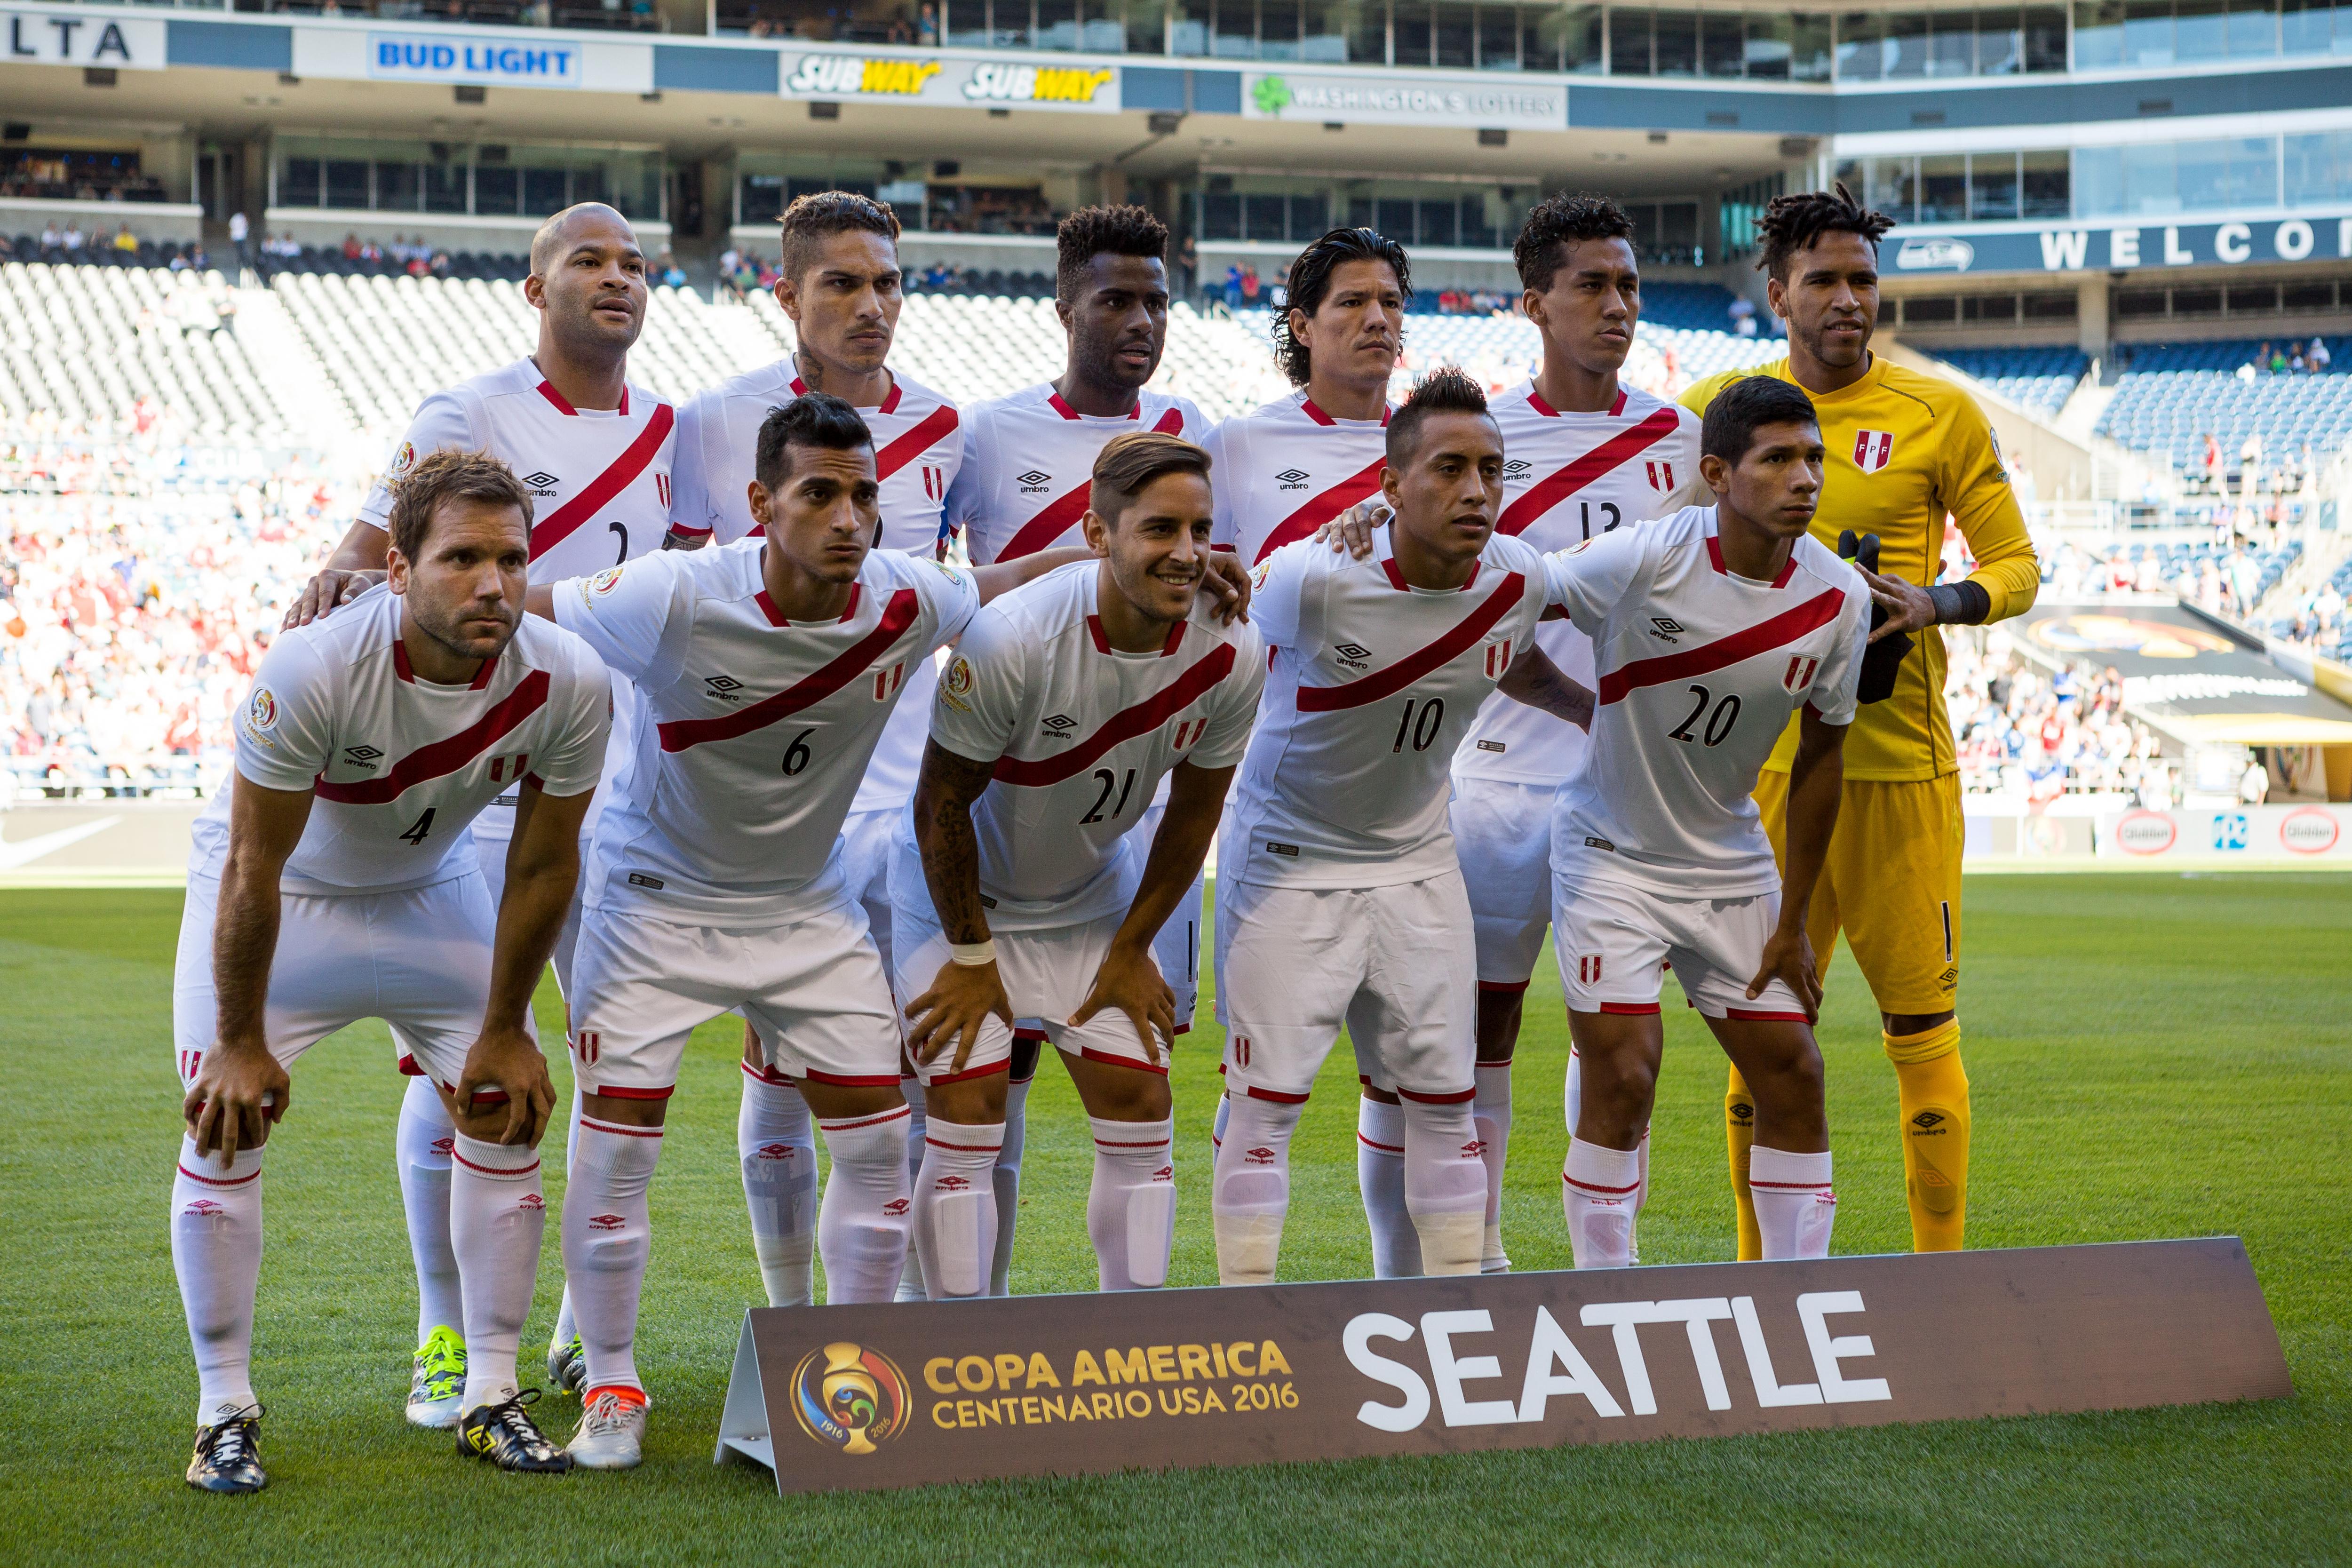 SEA19. SEATTLE (WA, EE.UU.), 04/06/2016.- Jugadores peruanos posan para las fotos oficiales hoy, sábado 4 de junio de 2016, antes de un partido entre Haití y Perú por la Copa America 2016, en el estadio CenturyLink Field de Seattle, Washington (EE.UU.). EFE/Jordan Stead